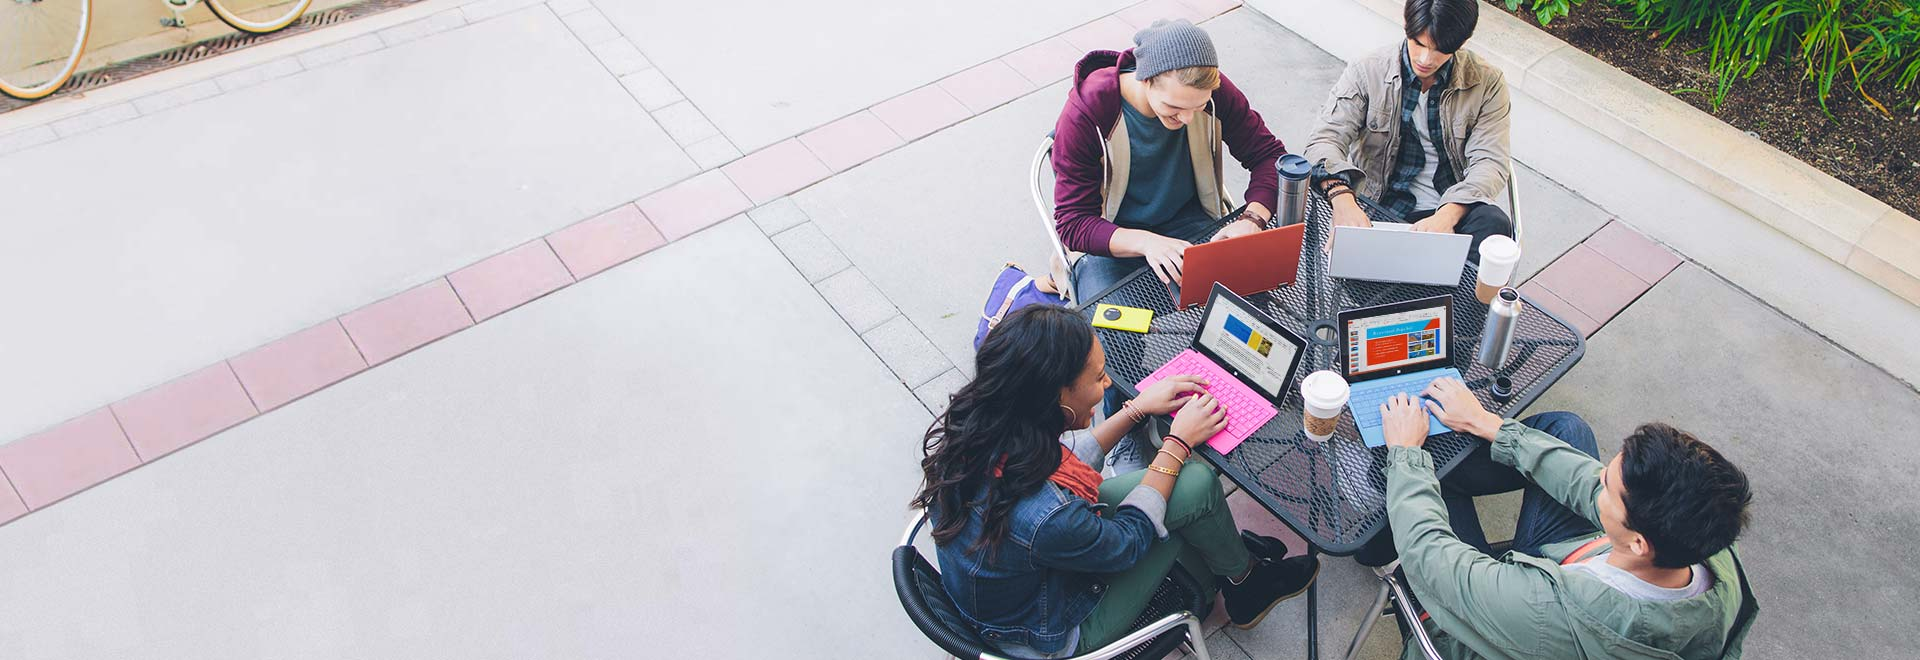 Četvero učenika sjedi za stolom na otvorenom i koristi Office 365 za obrazovanje na tabletima.